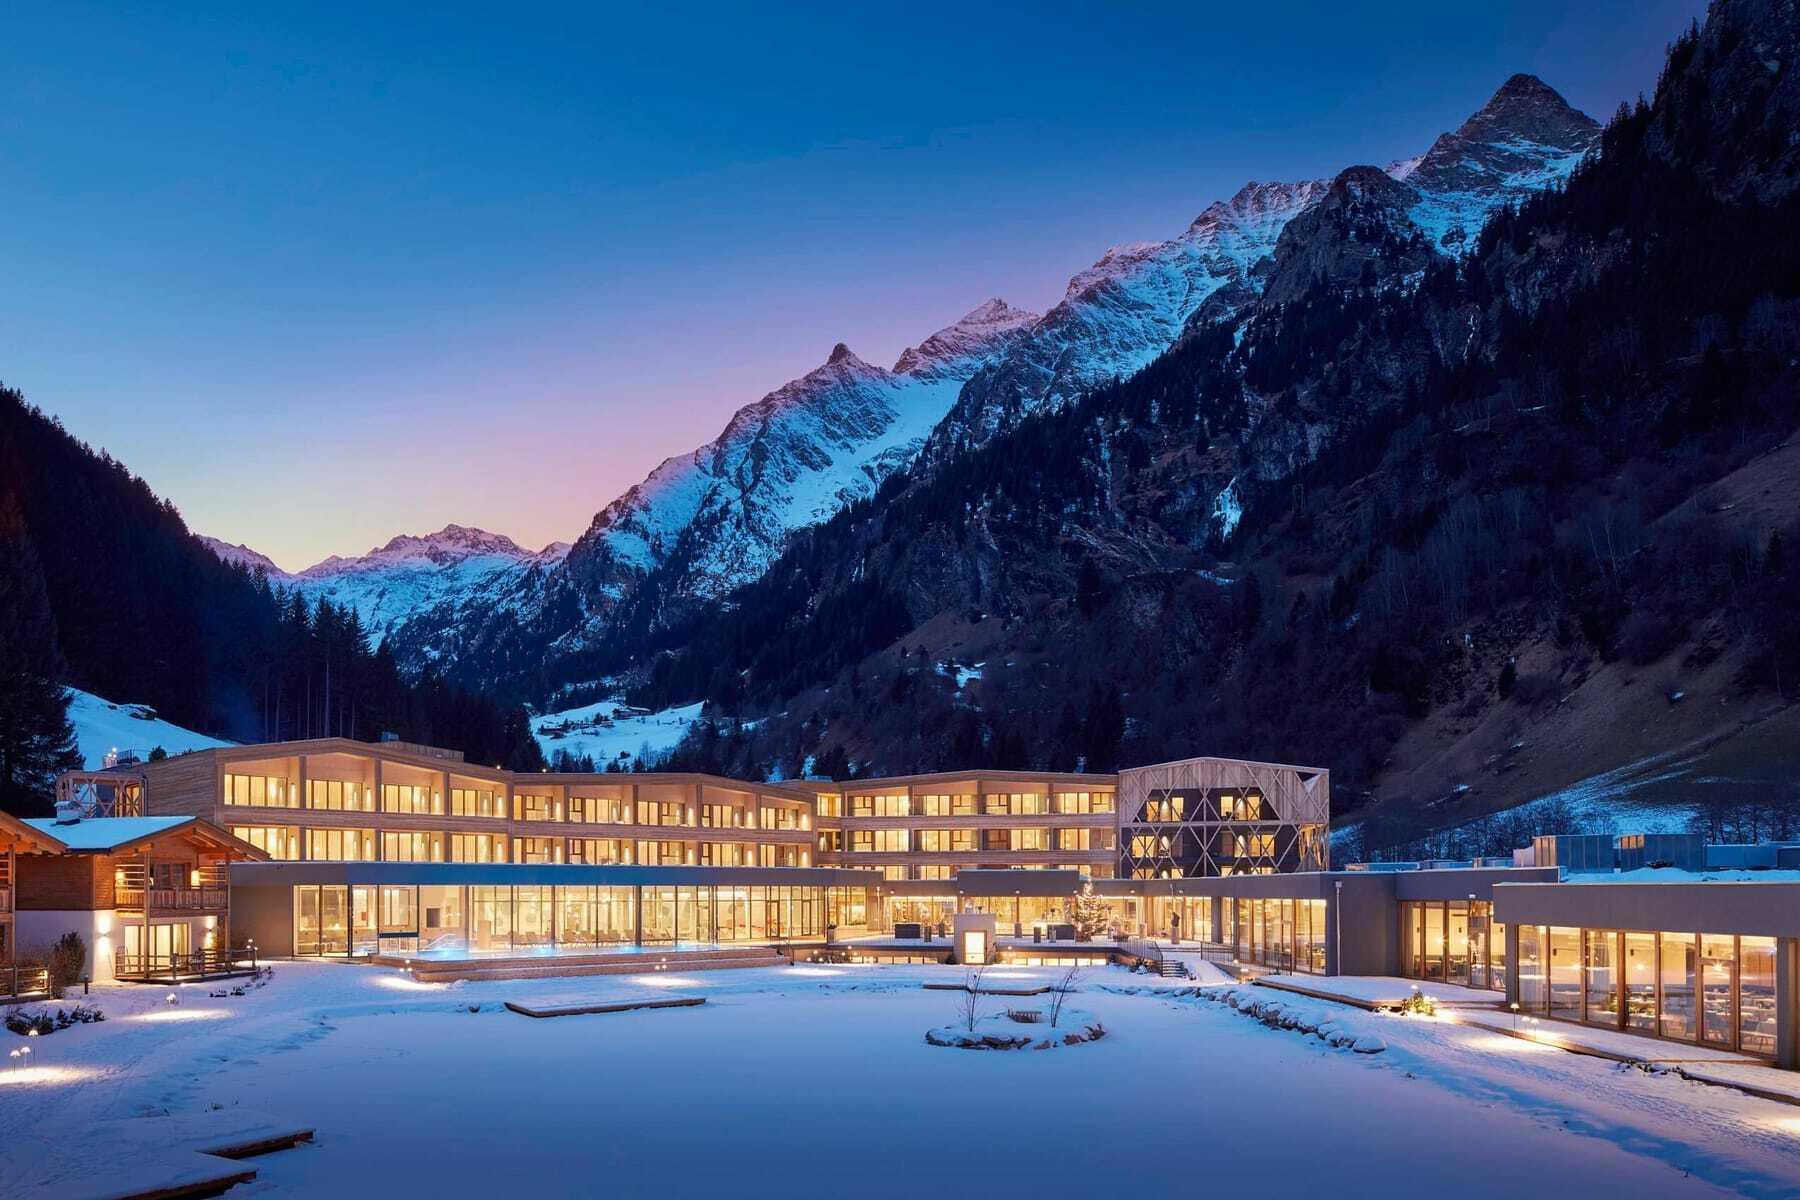 Blick auf das Haus im Winter_Feuerstein_Gosensass